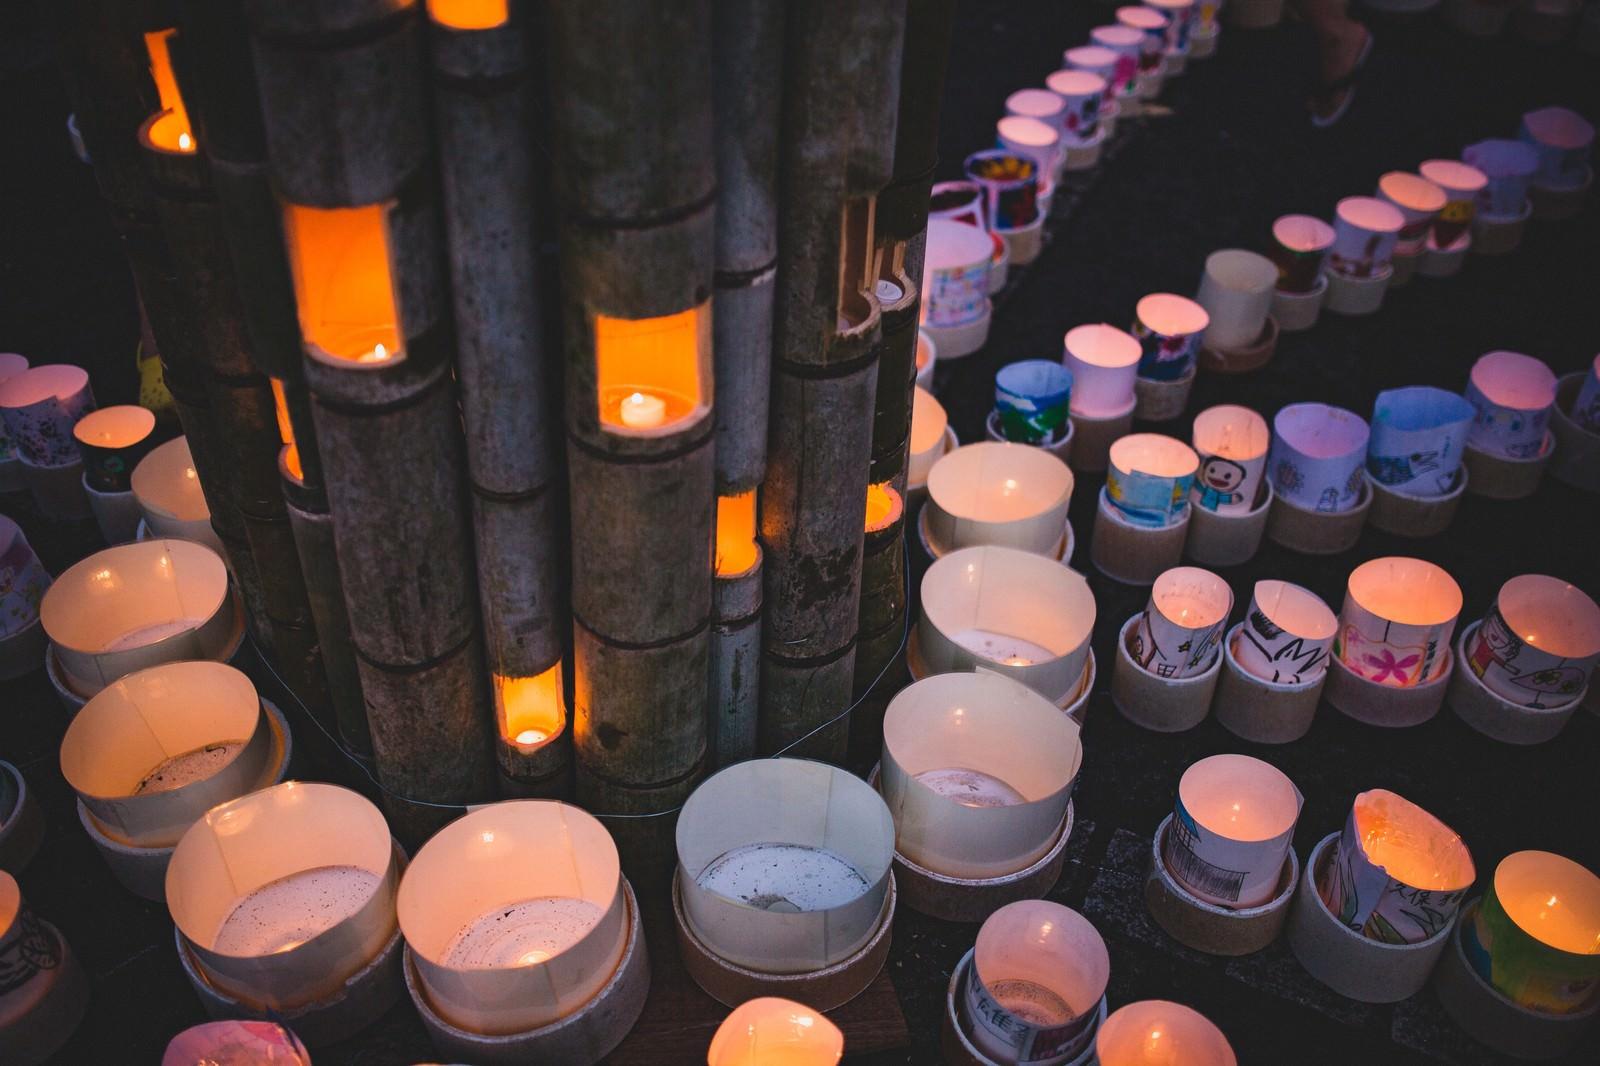 「竹灯ろうを磁器の灯ろうが囲む(ボシ灯ろうまつり) | 写真の無料素材・フリー素材 - ぱくたそ」の写真